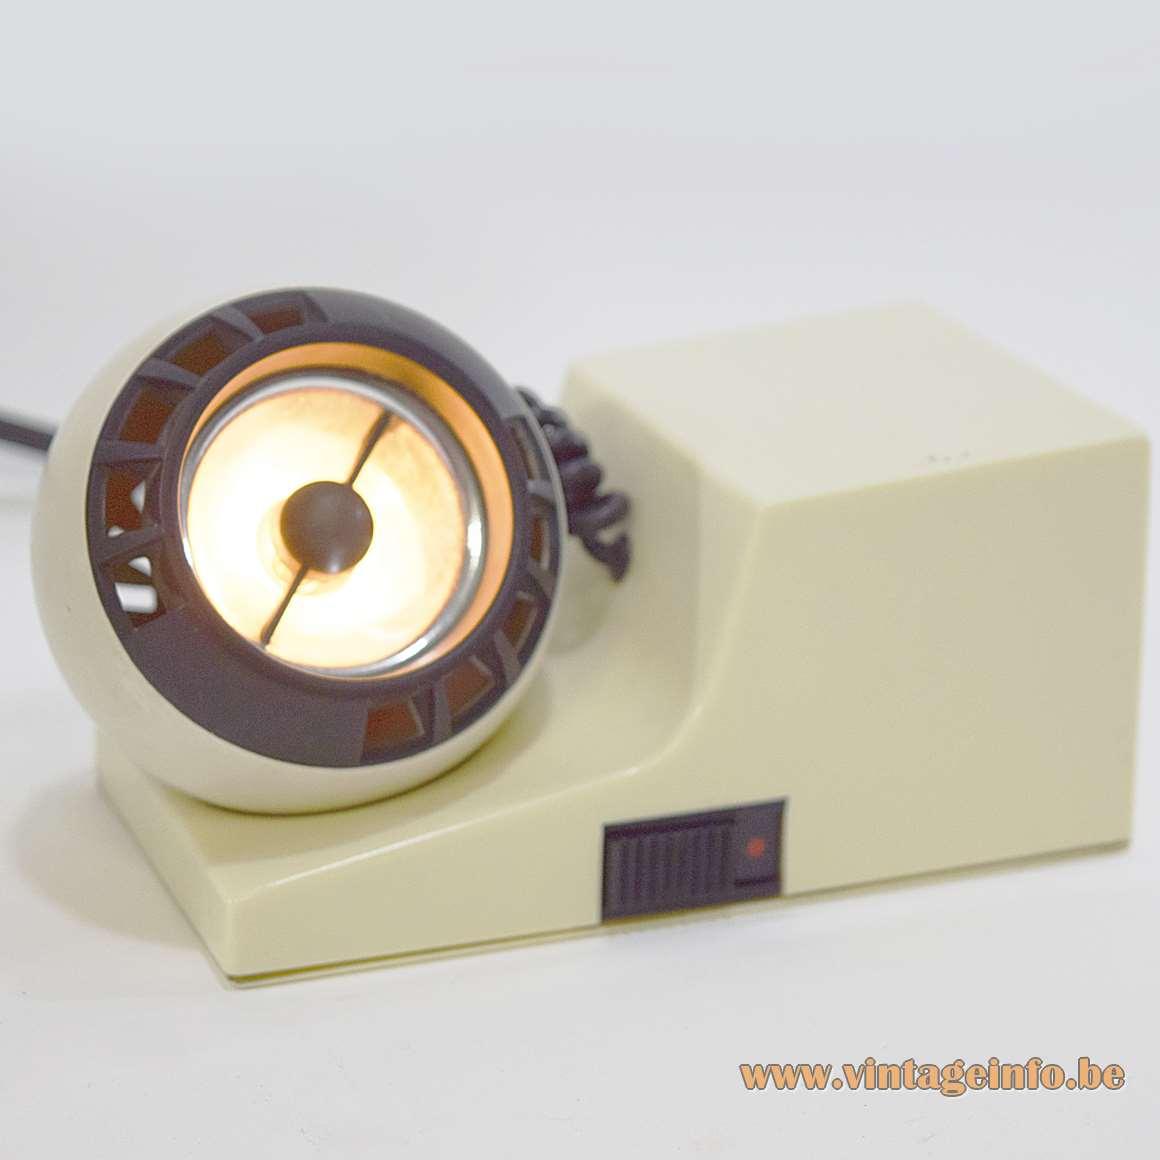 Osram Minispot - Osram Minispot II - Model 41701 - 1972 - Osram Design